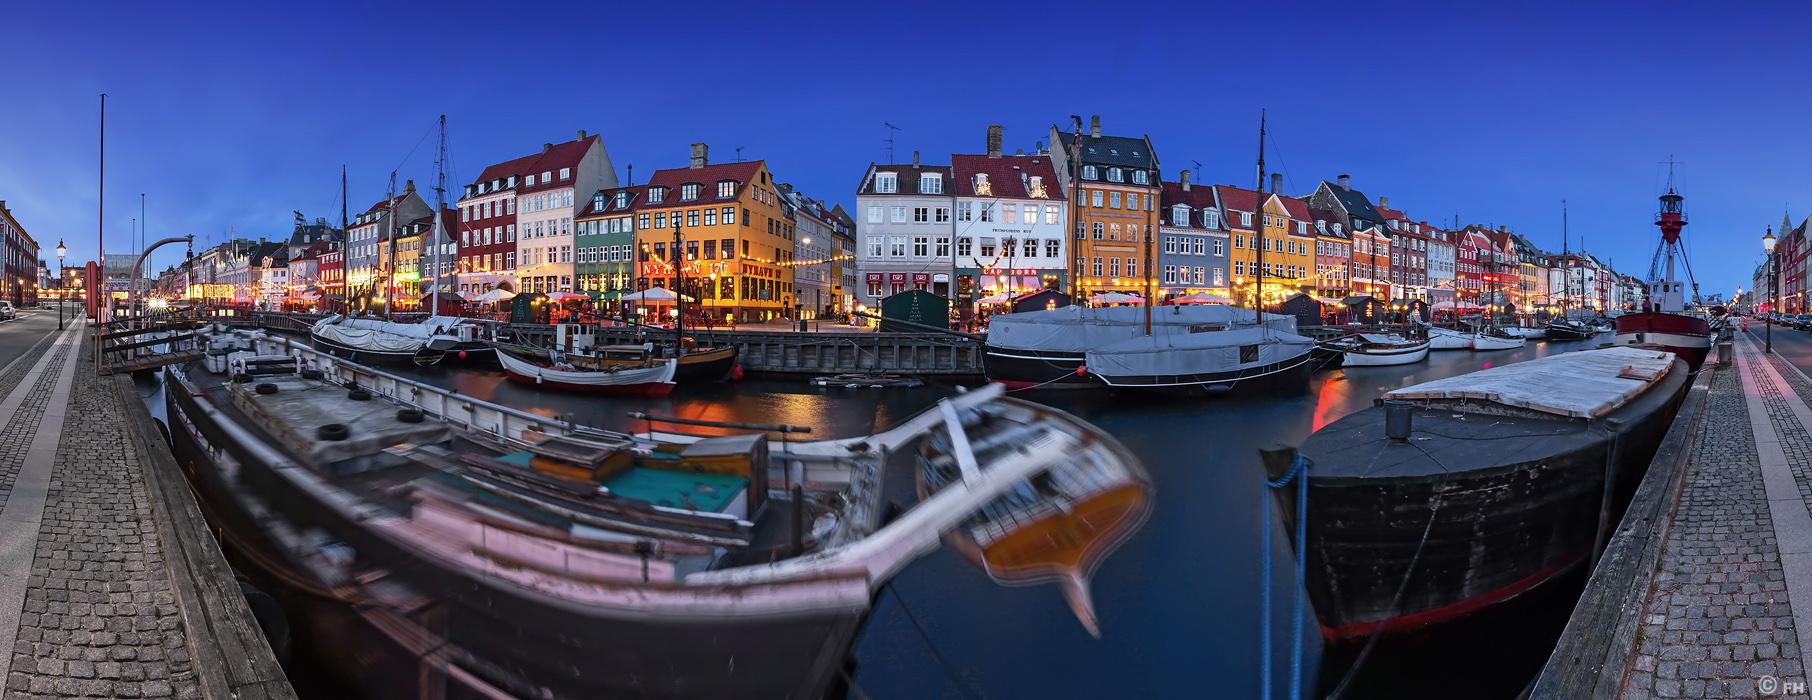 Copenhagen_Nyhavn_Panorama_2_A_k